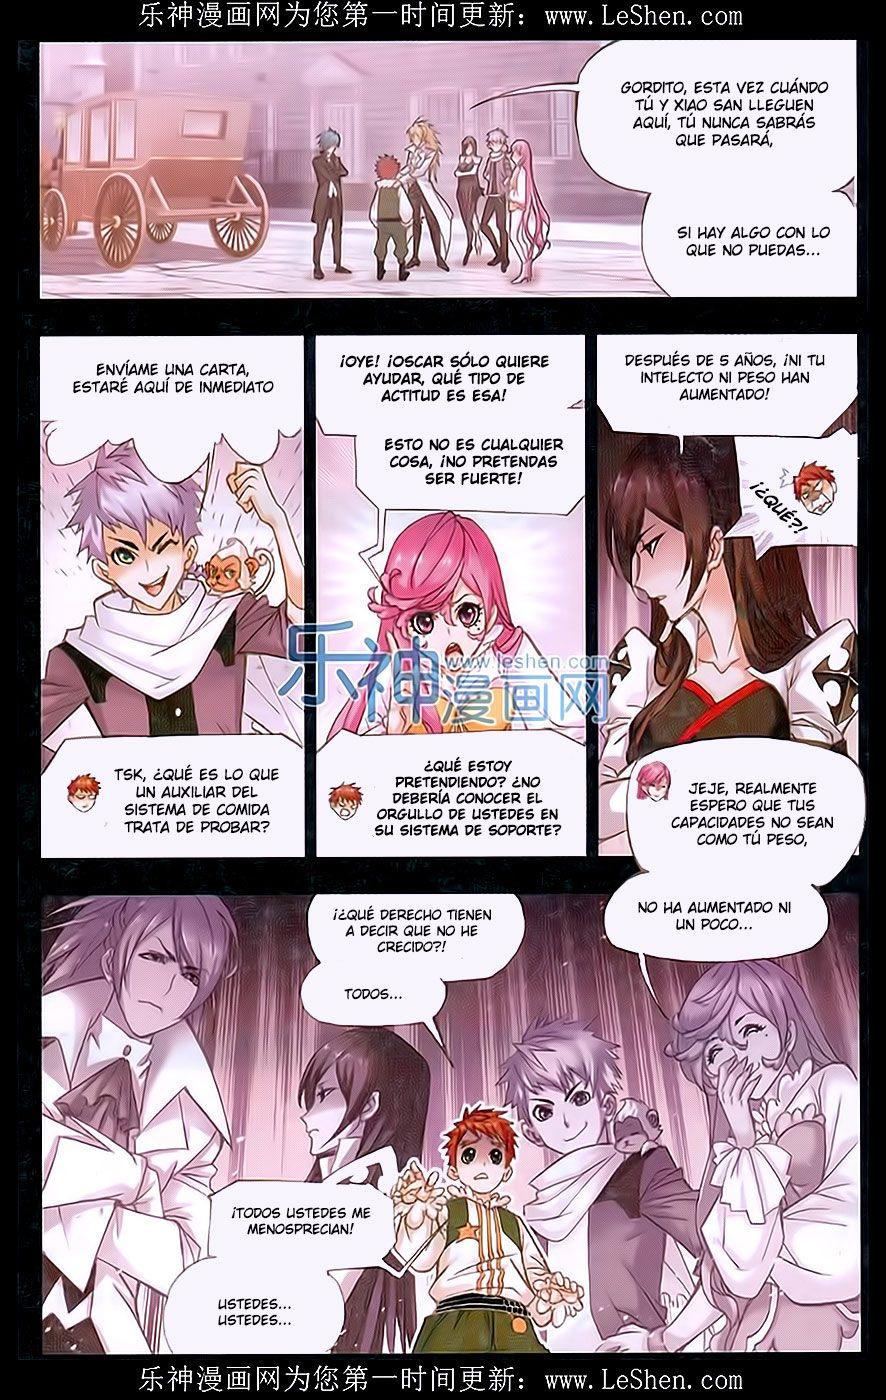 http://c5.ninemanga.com/es_manga/18/16210/464622/0d3df4c9f26884e3dc9cb4b2a5a6e08c.jpg Page 9